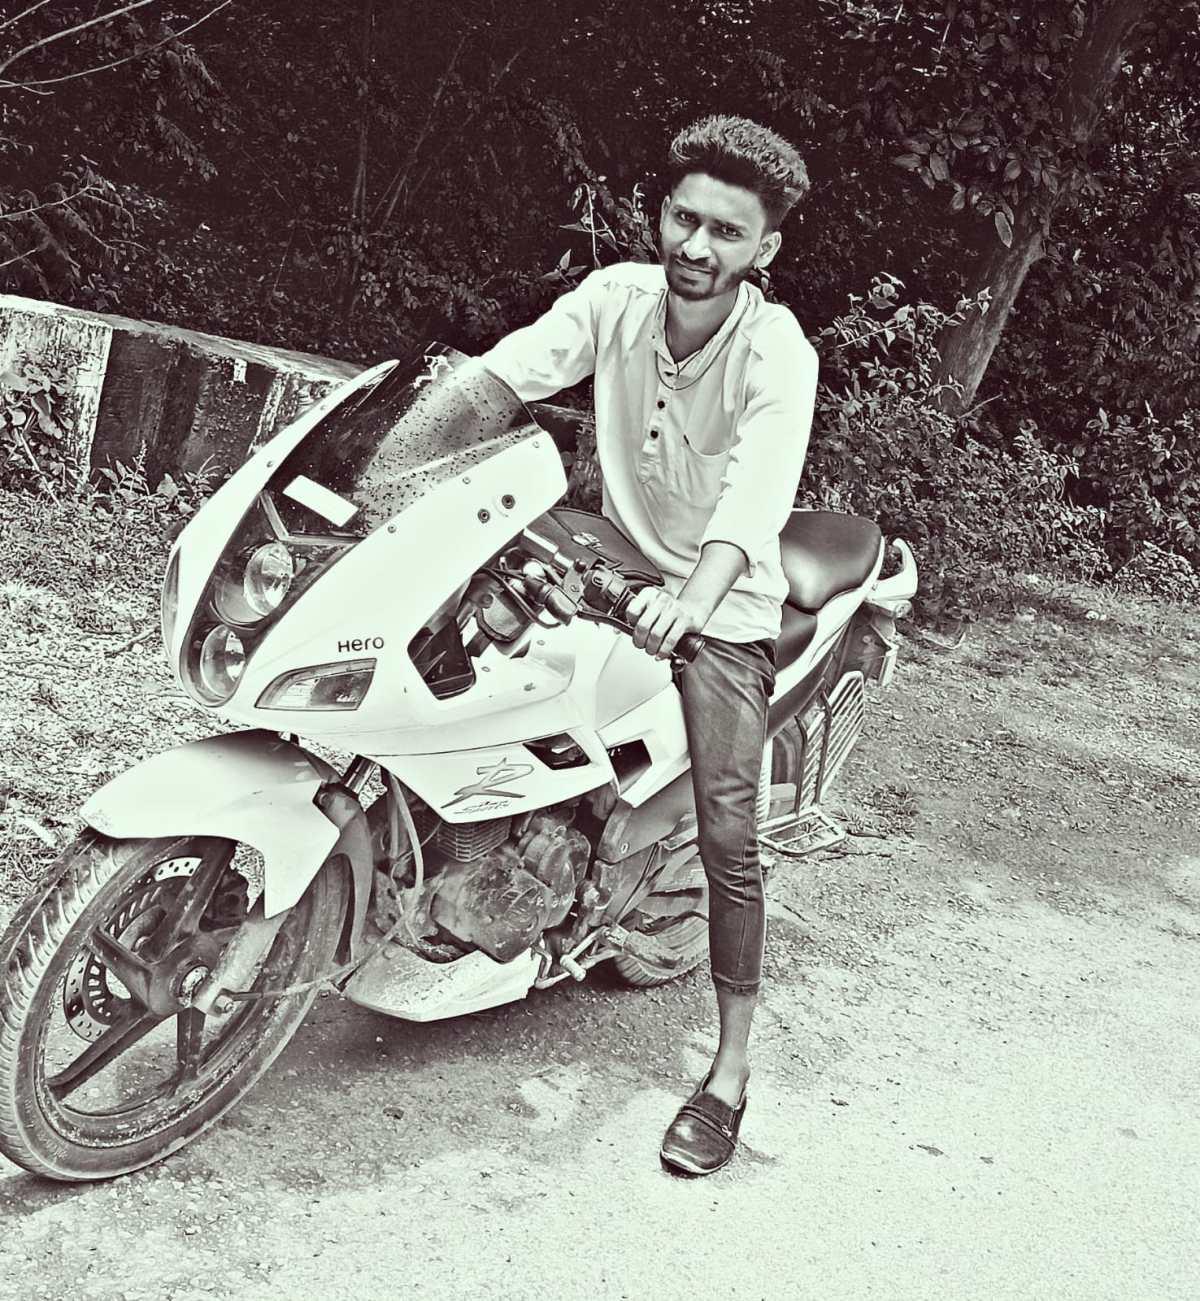 Raghuveer Siddi